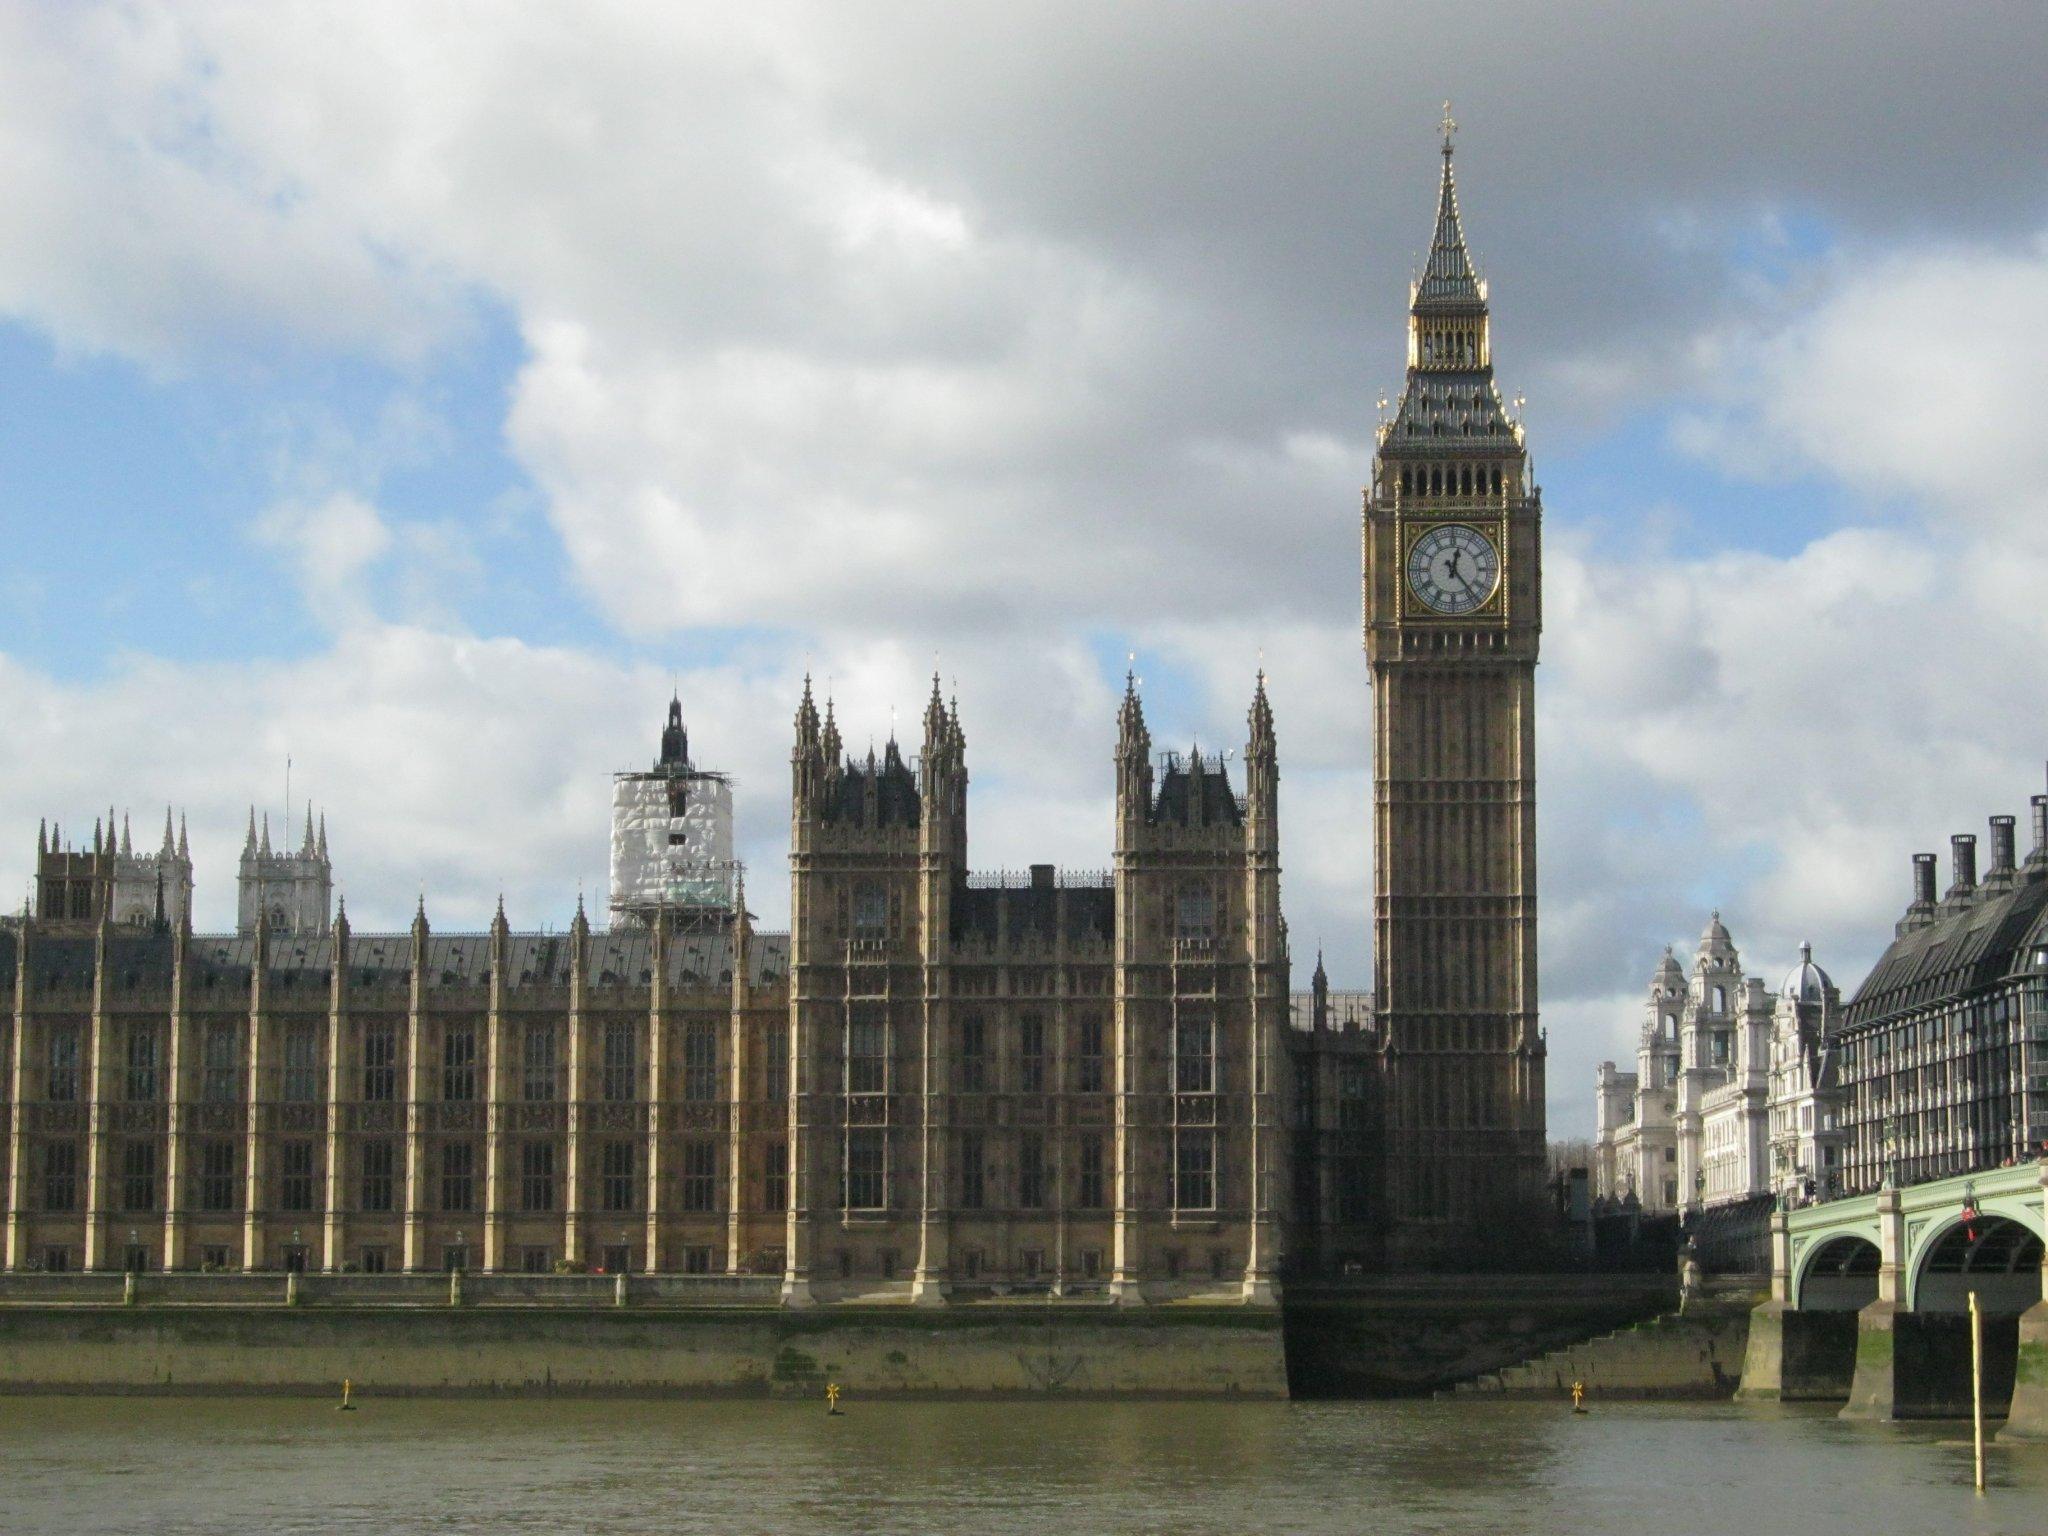 nejlepší seznamovací služby v Londýně stanovení hranic při datování